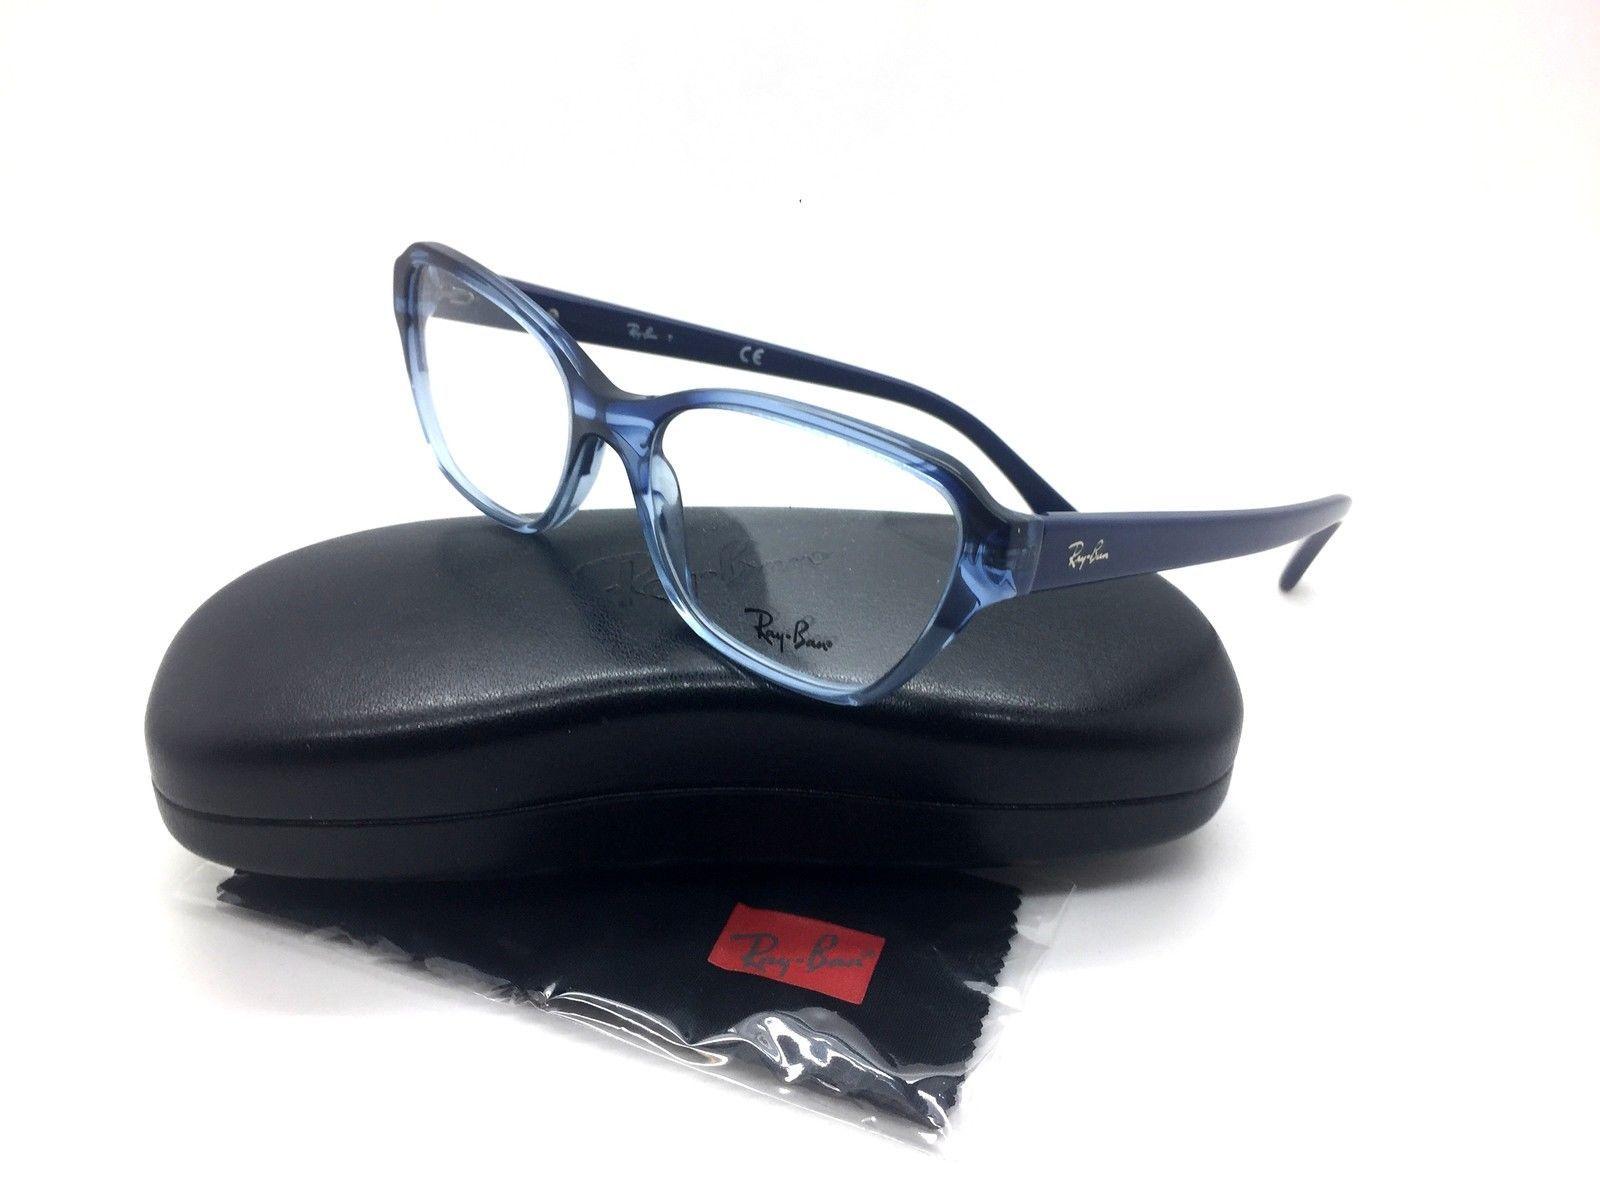 70c6e00df1 Ray Ban Blue Eyeglasses RB 5341 5572 53 mm Demo Lenses Fashion - $66.93